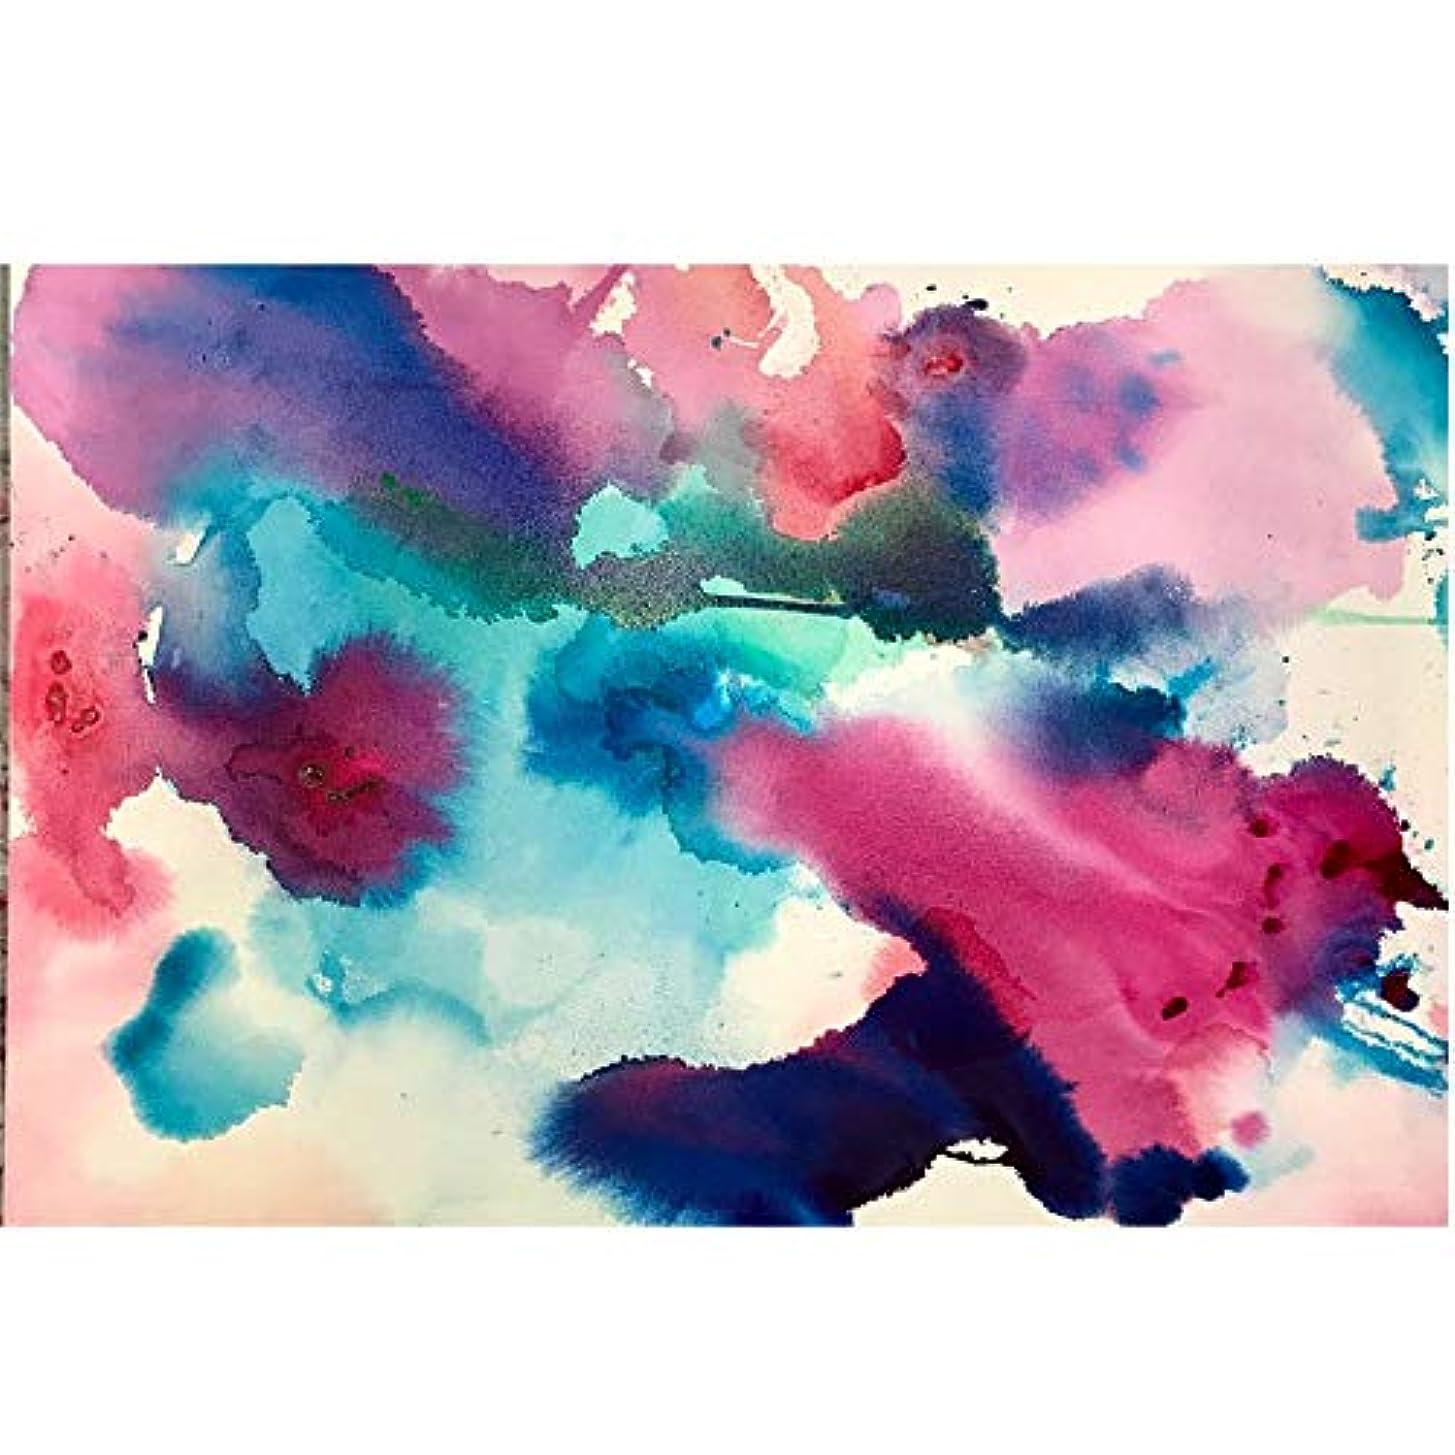 オーストラリア単調な傾向がある抽象アート水彩写真キャンバス絵画壁アート用リビングルームカラフルなポスターとプリント60×90センチなしフレーム